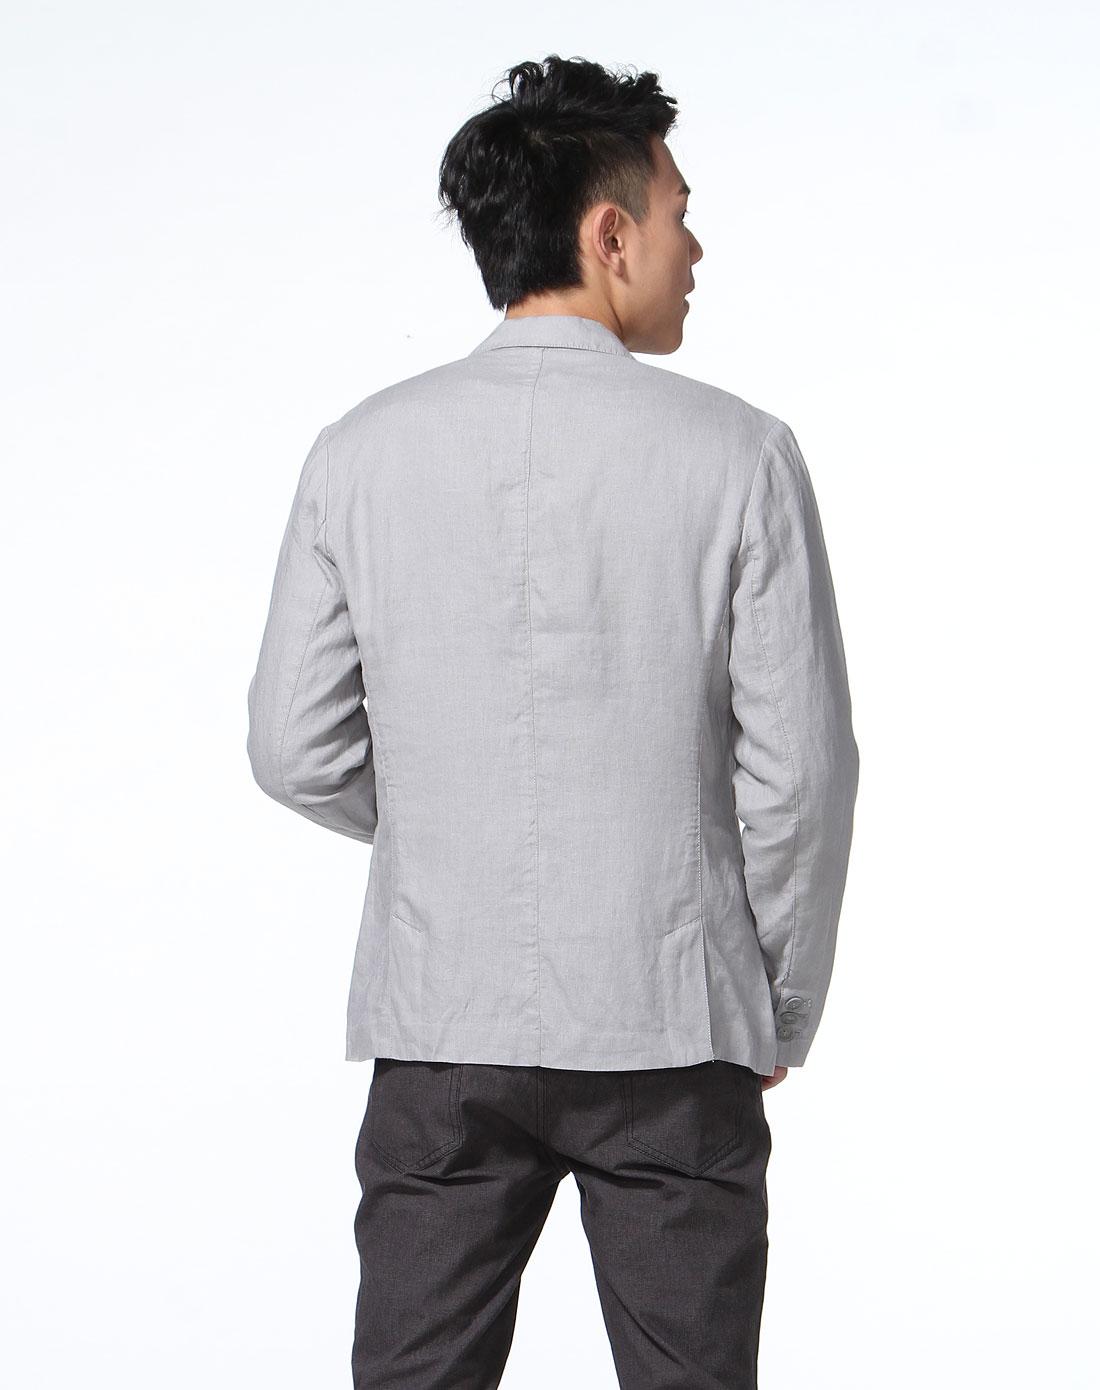 美特斯邦威 灰色简洁双扣长袖薄西装外套